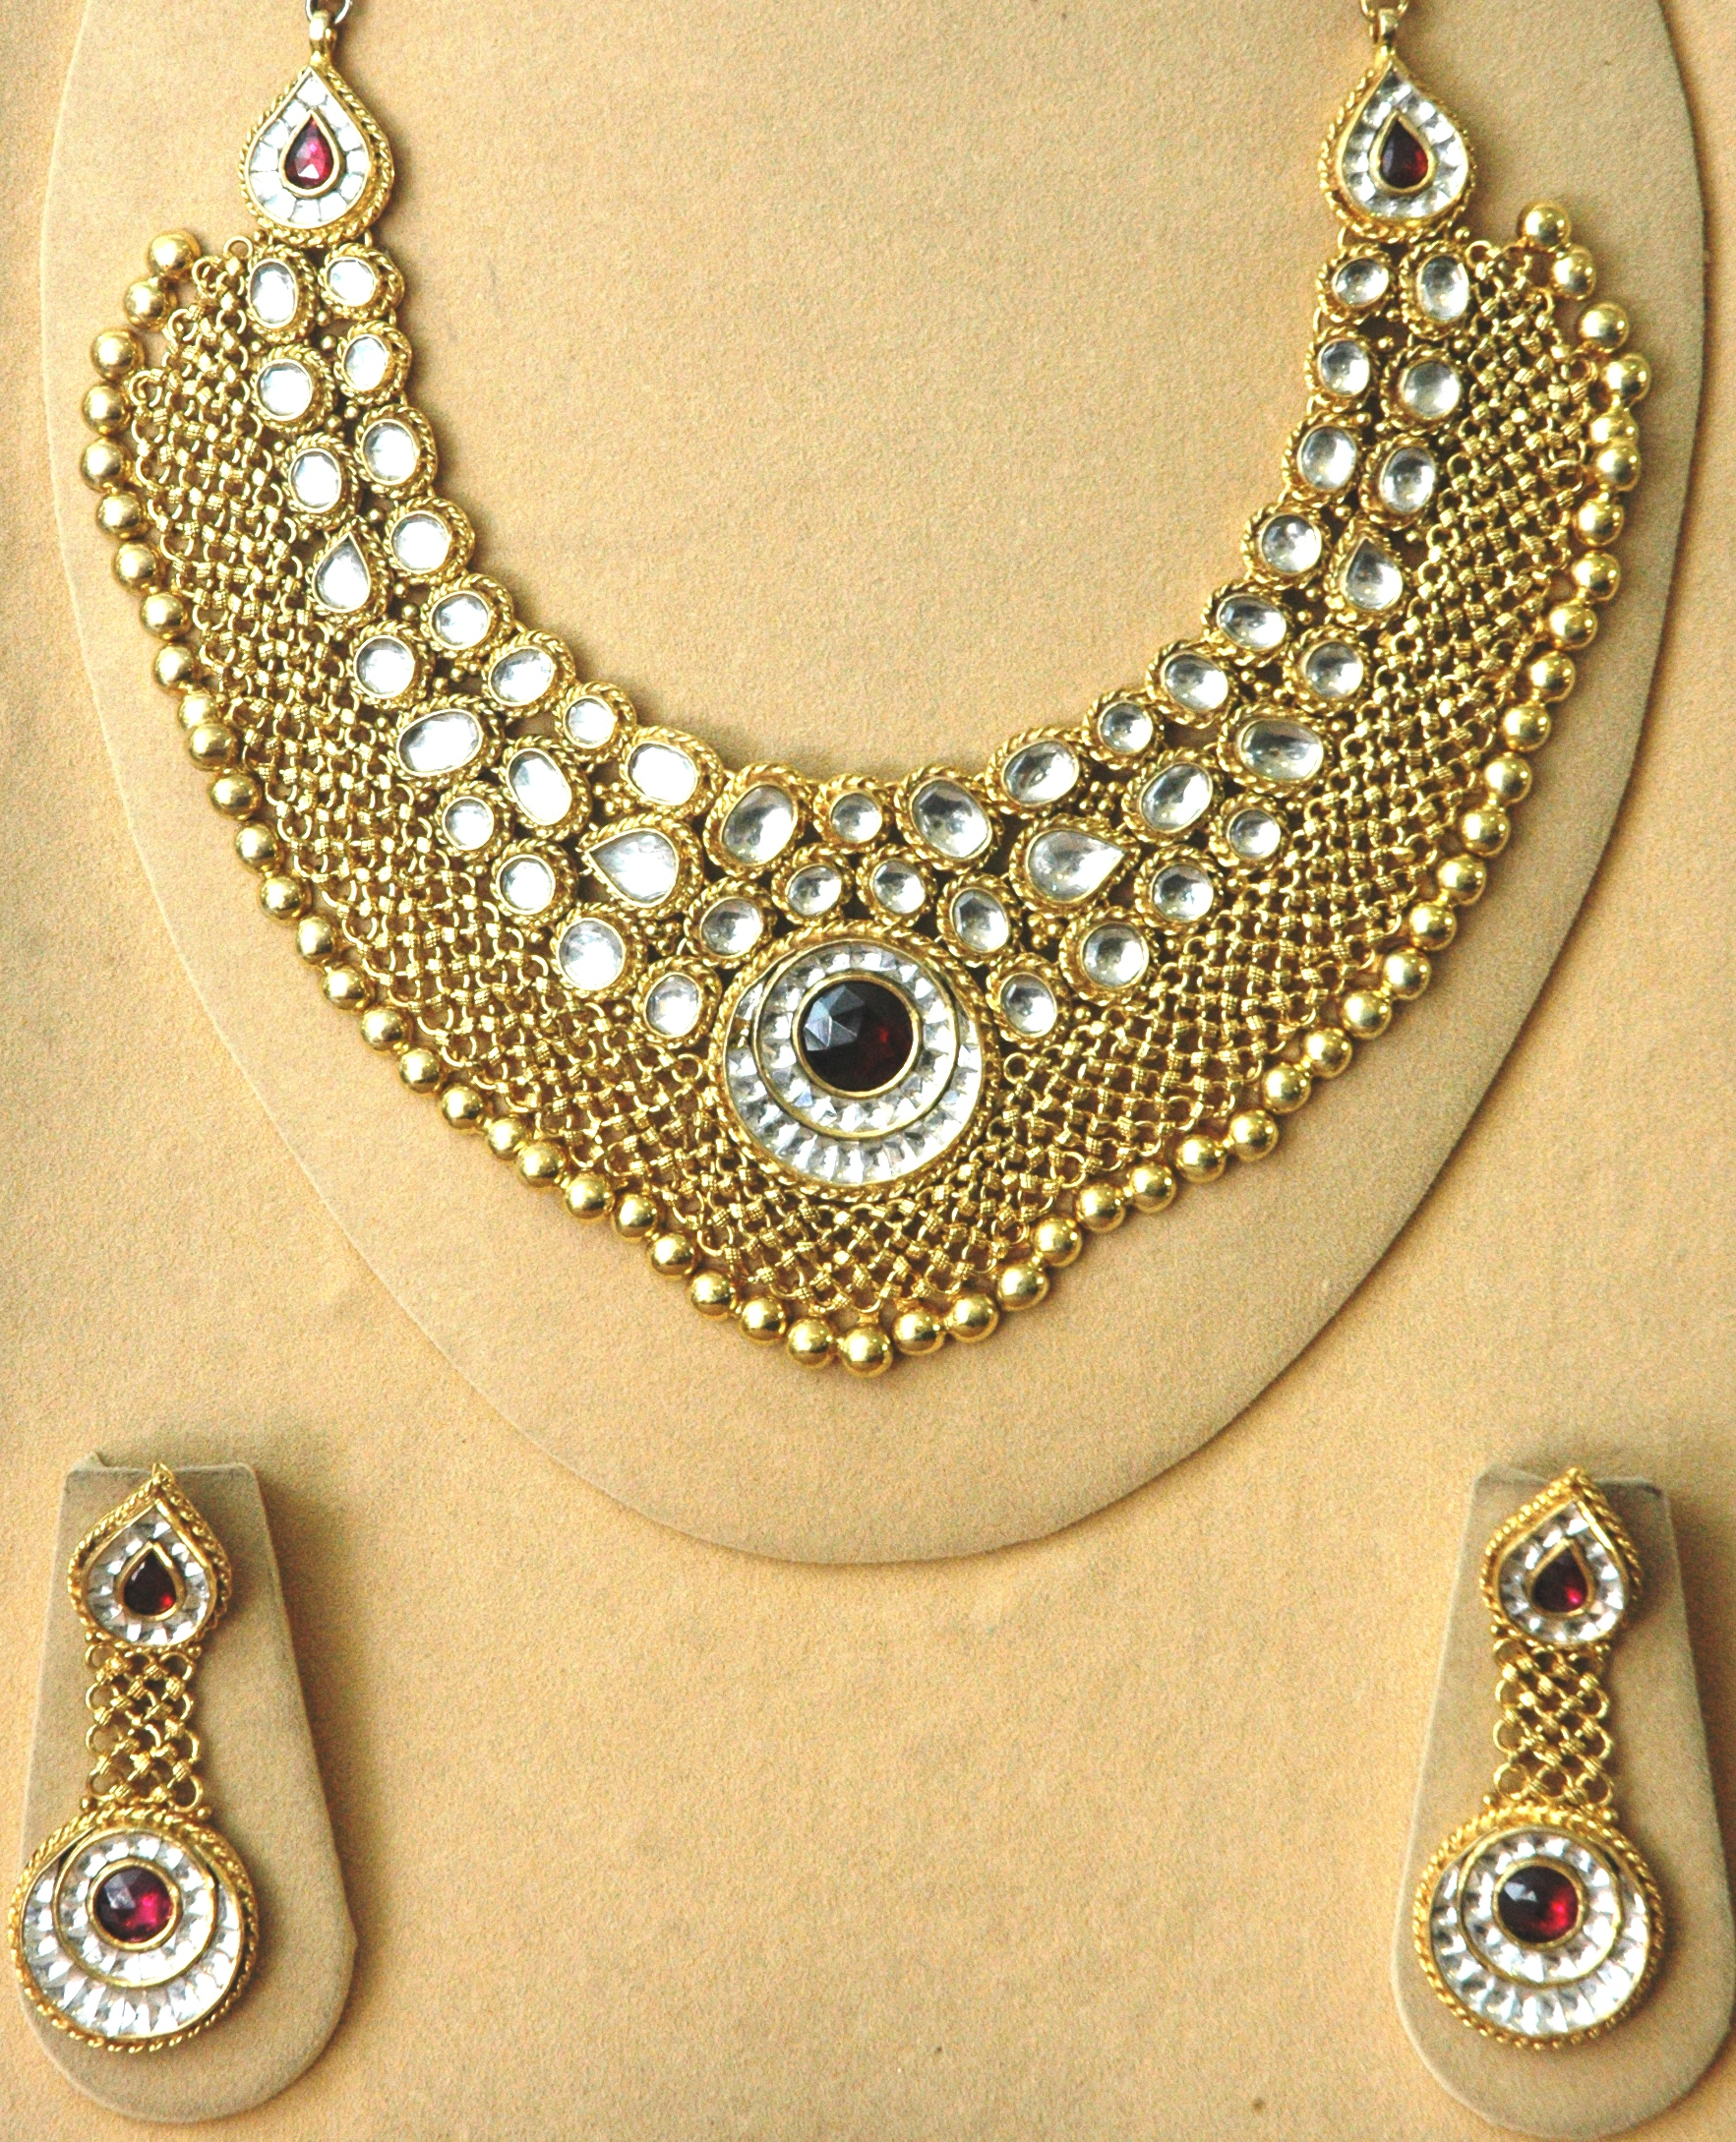 Discounts in Shahdara, New Delhi on Jewellery Diamond Silver Gold ...